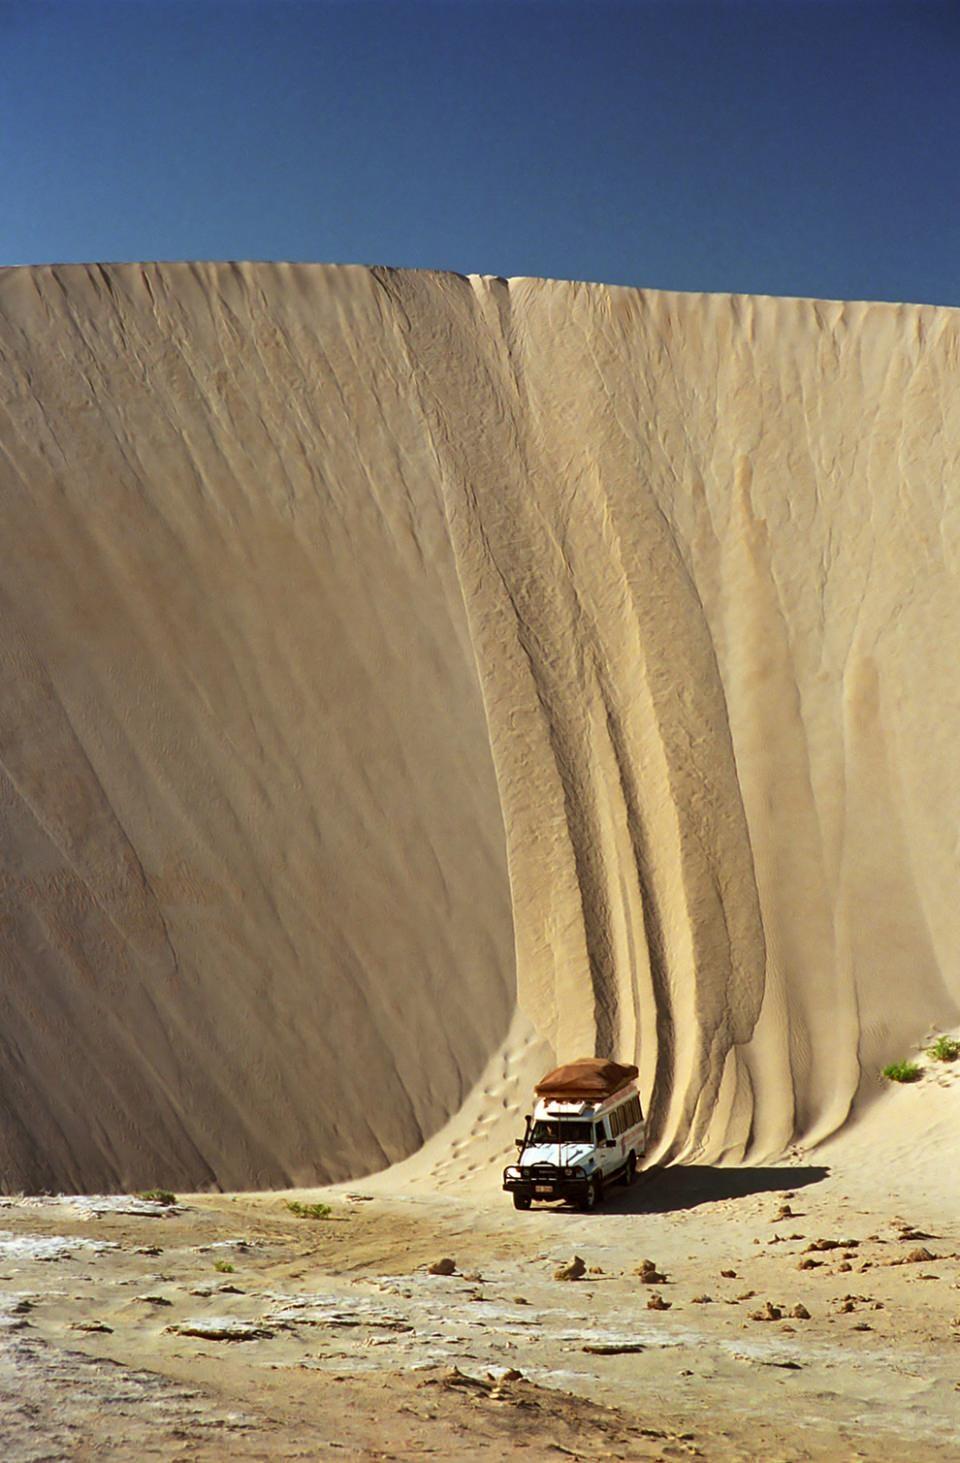 Yükseklik korkusu olanlar bakmasın! galerisi resim 10